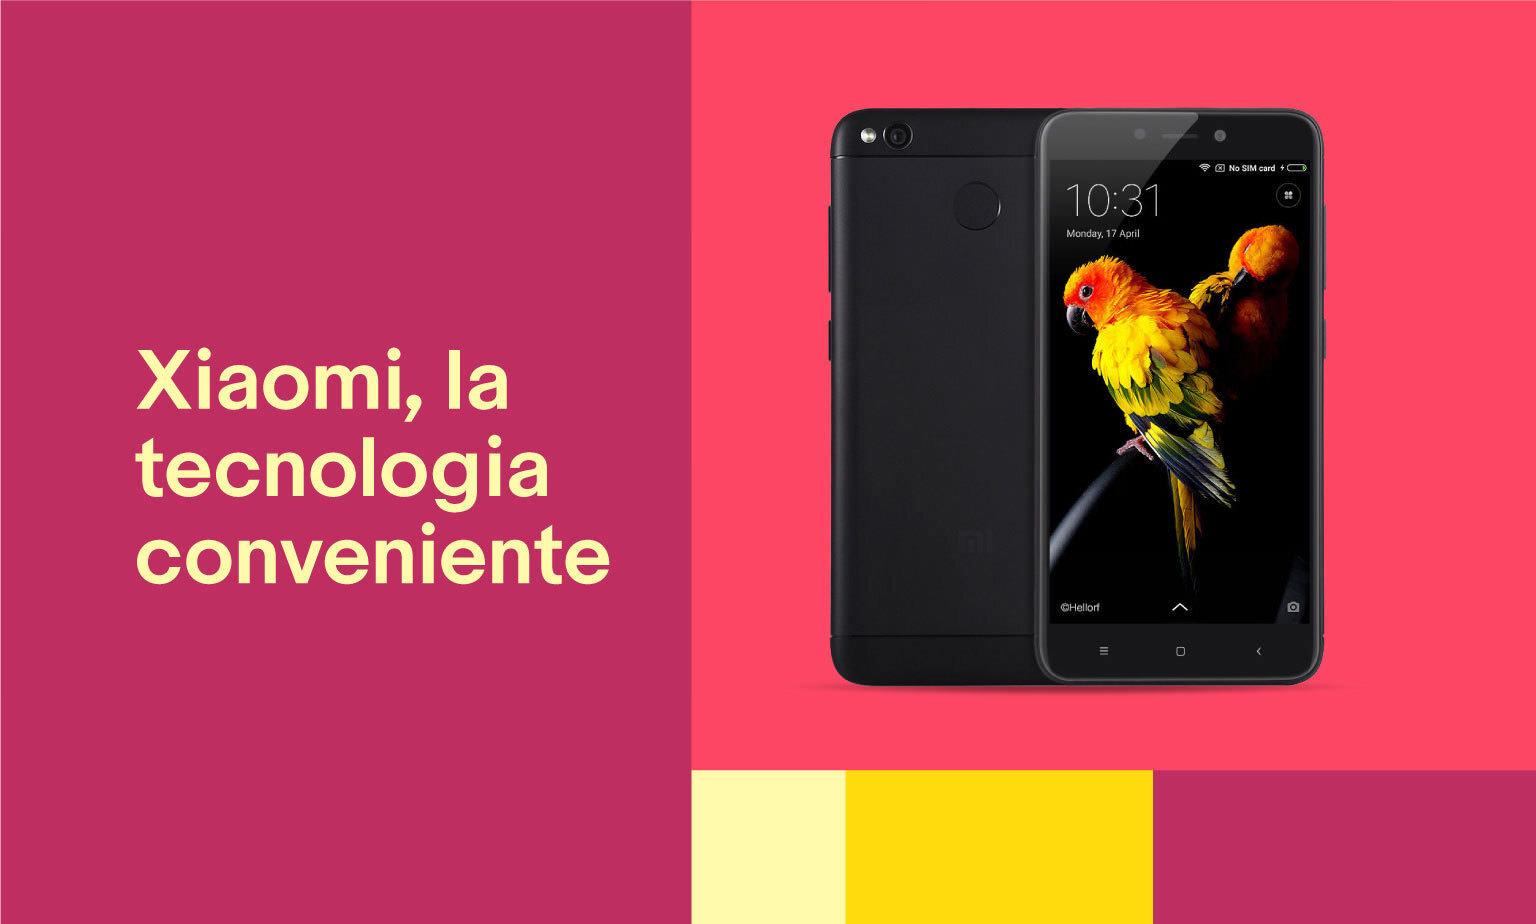 Xiaomi ti conviene!